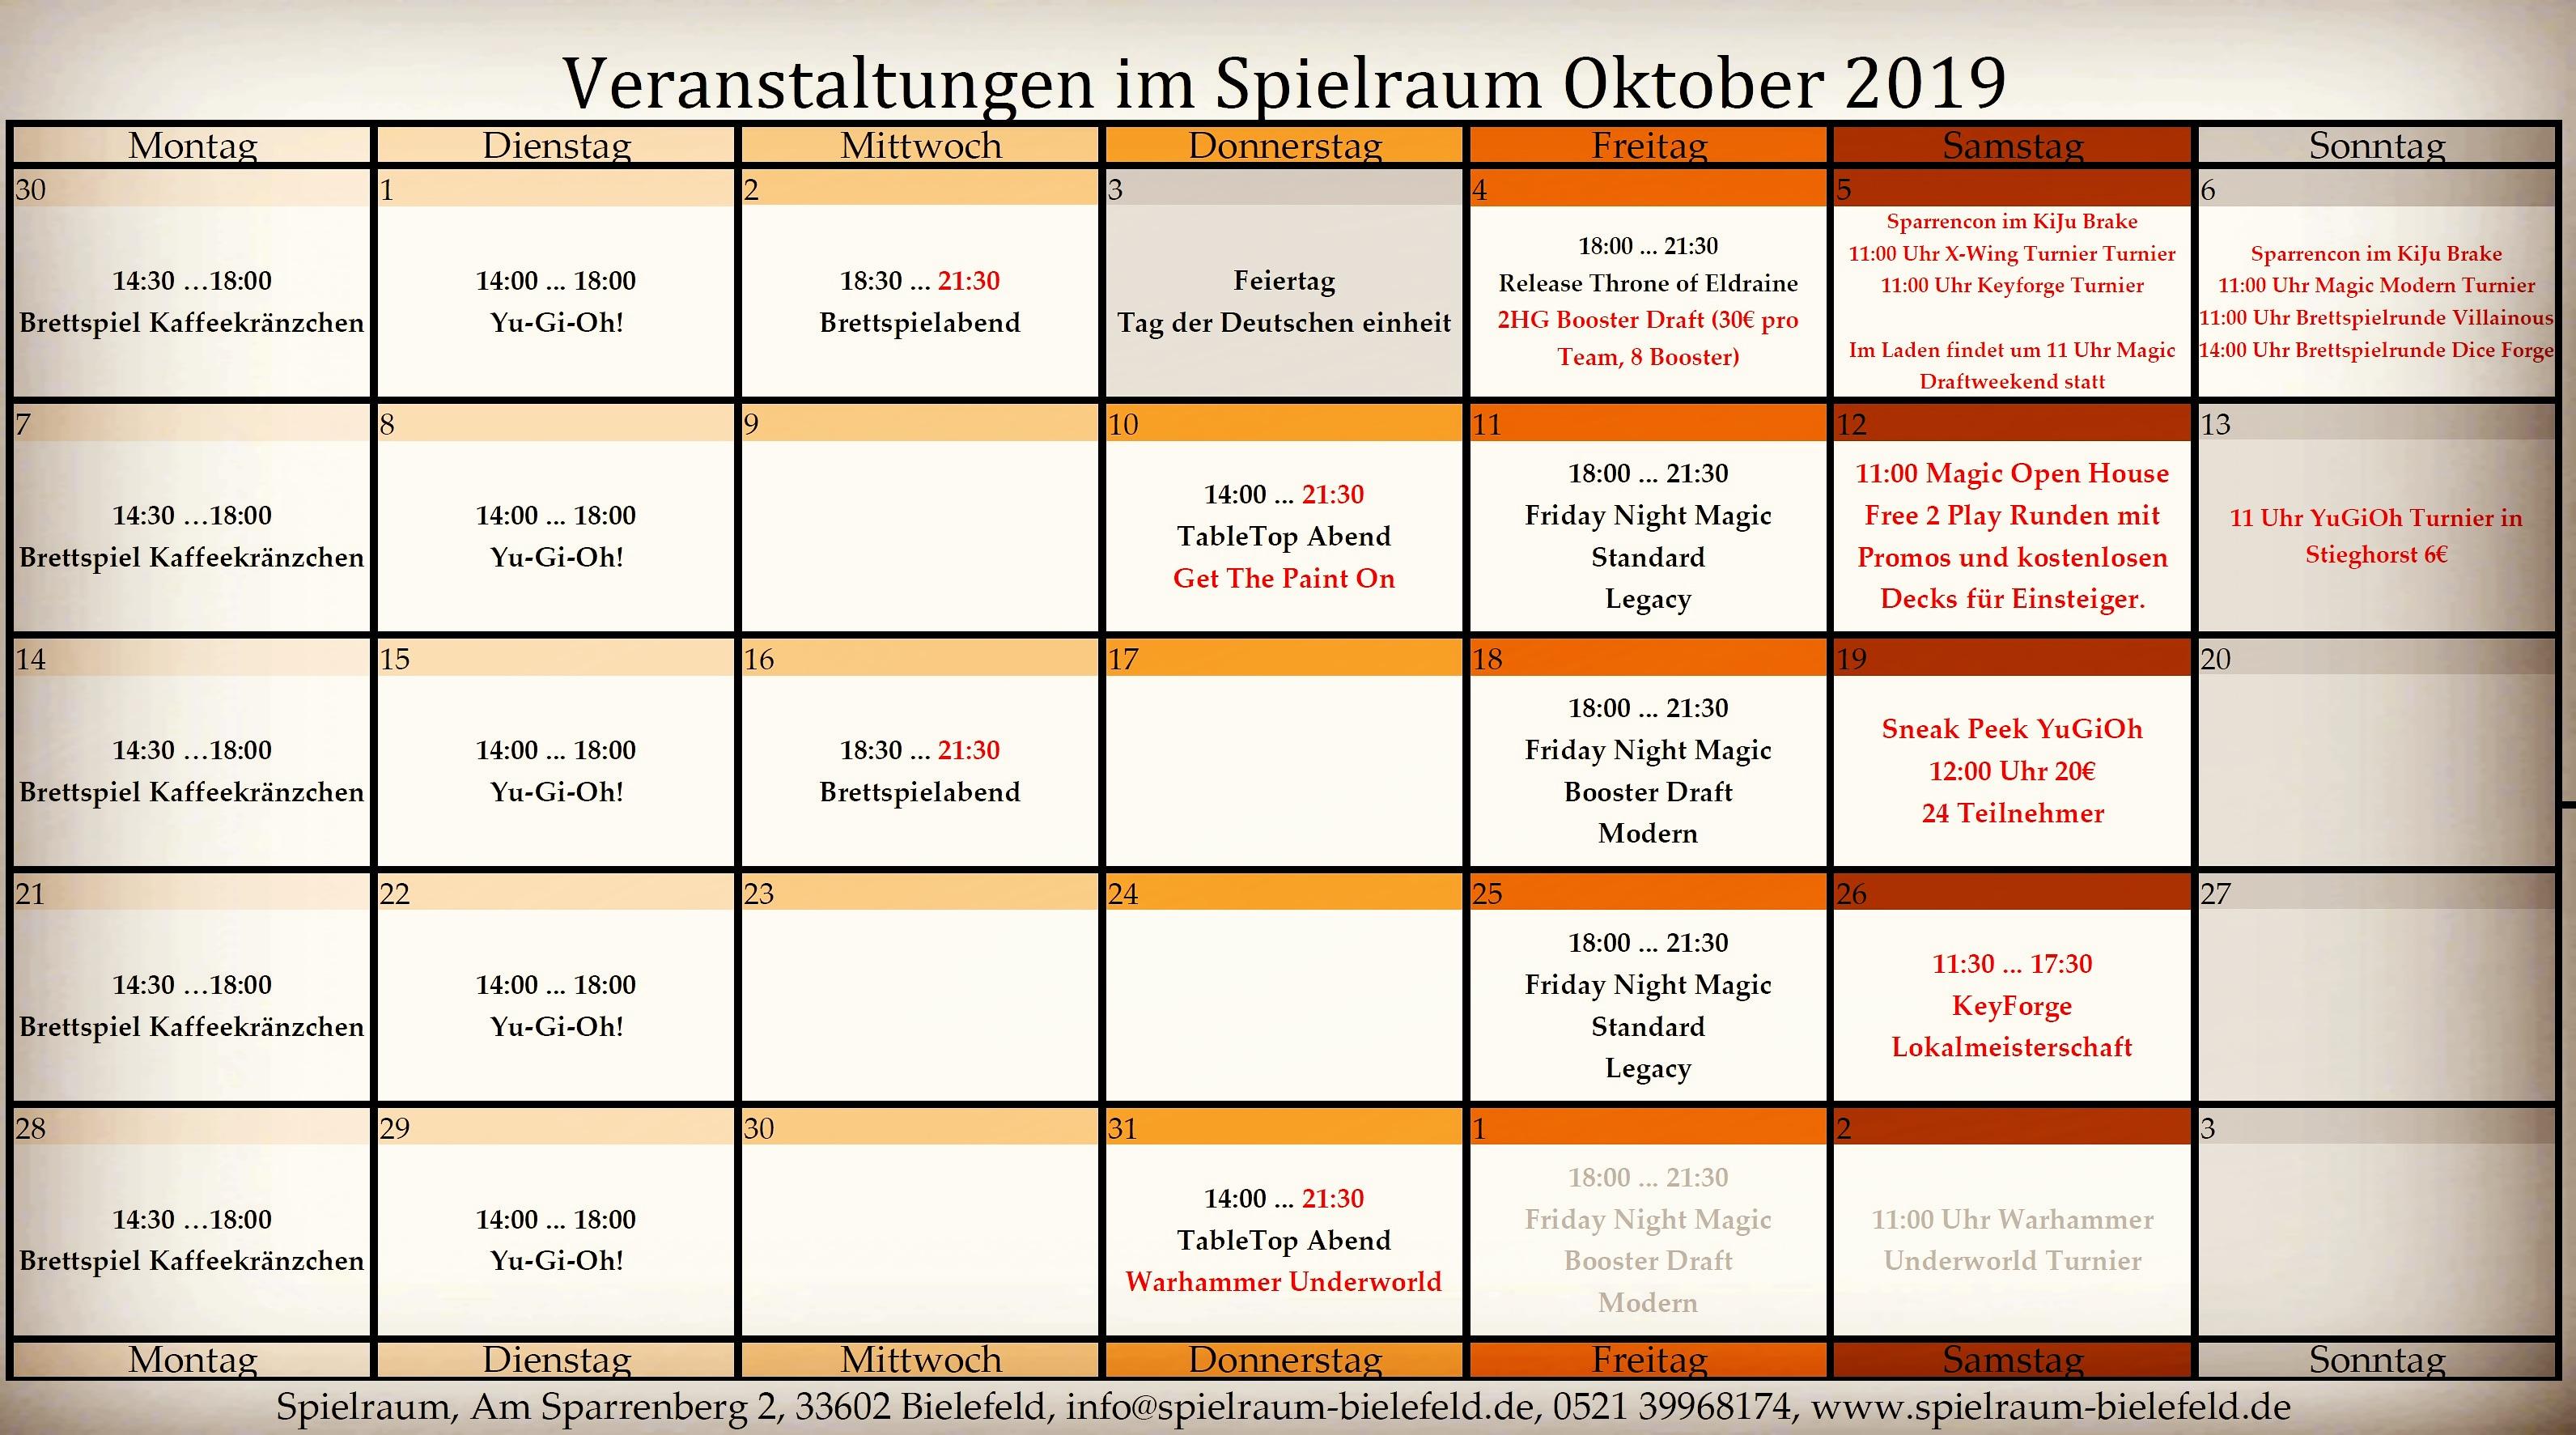 Monatsplan Oktober 2019 iNSTA